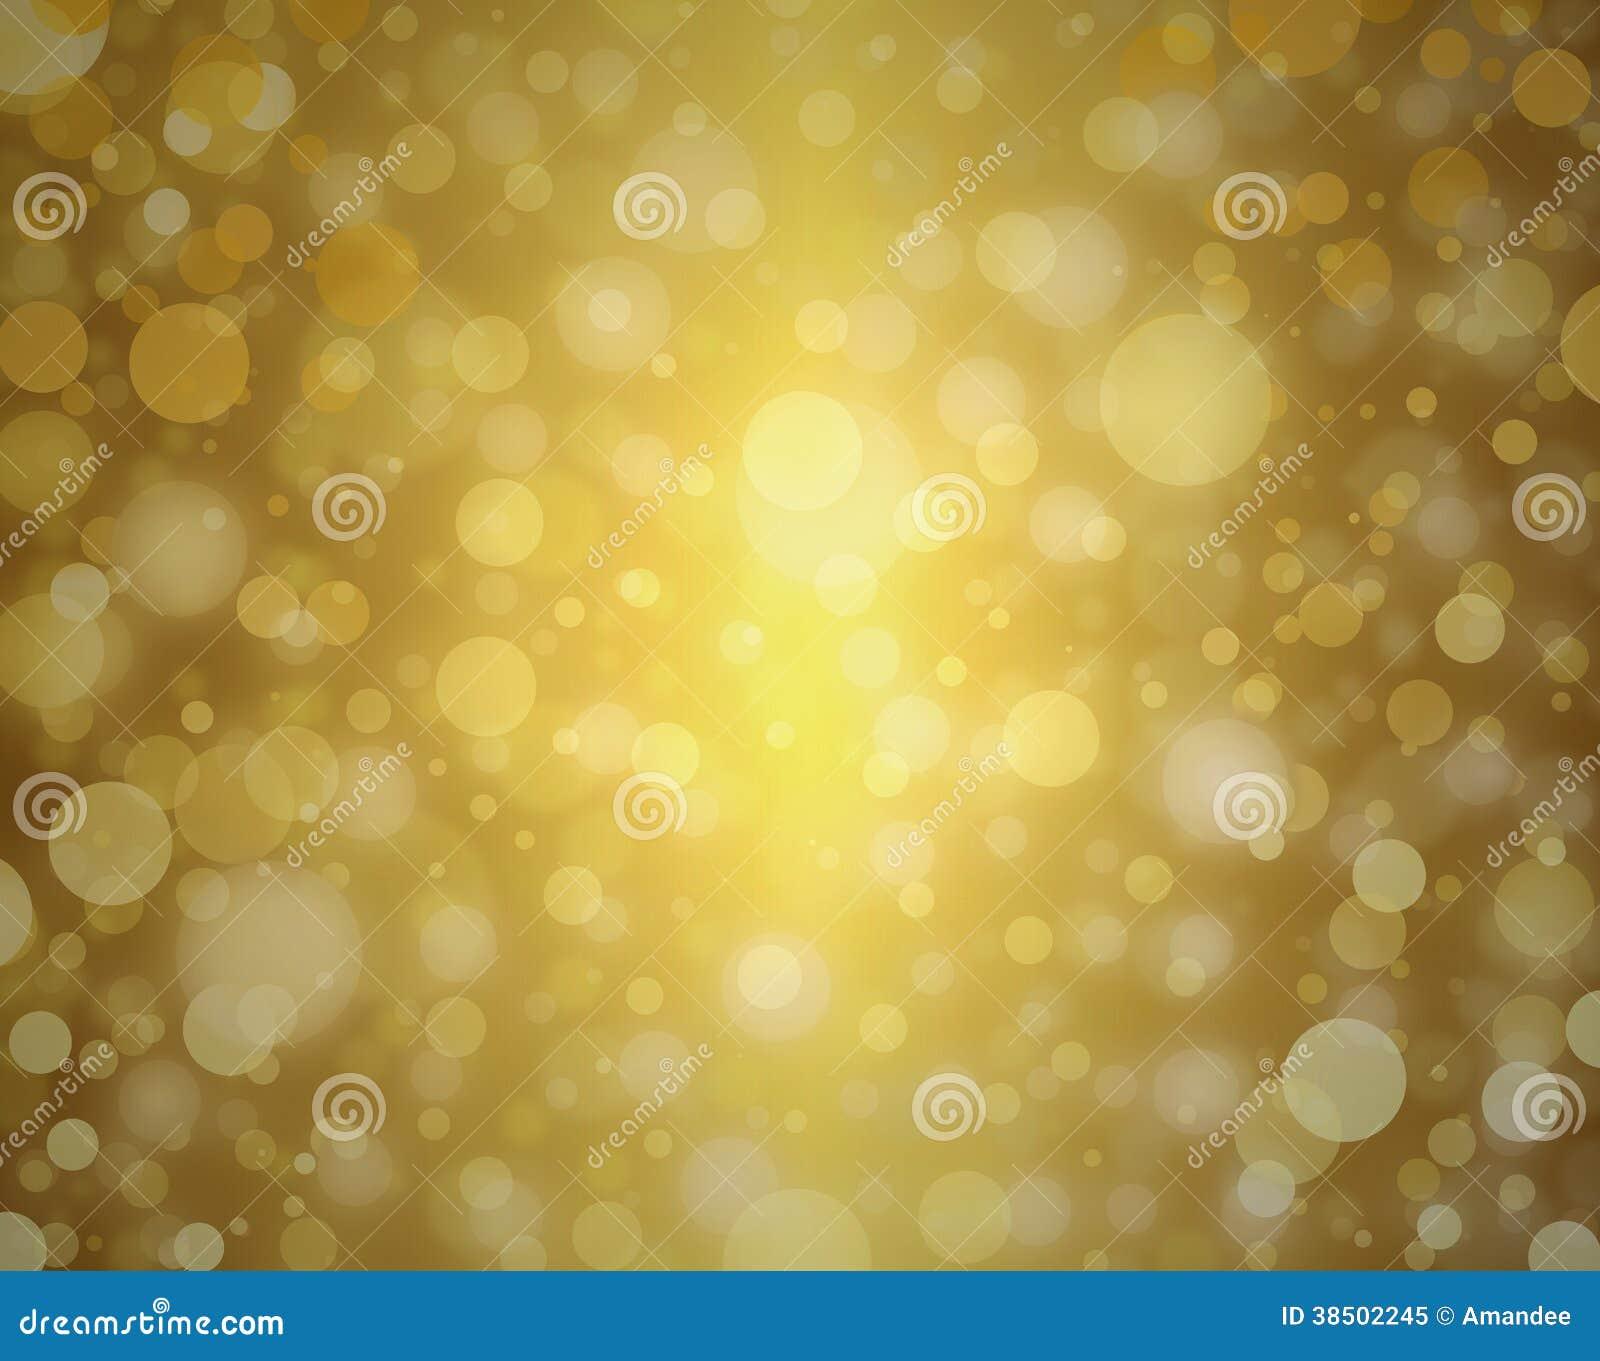 金银铜合金泡影背景白色圣诞节光被弄脏的背景装饰典雅的庆祝设计